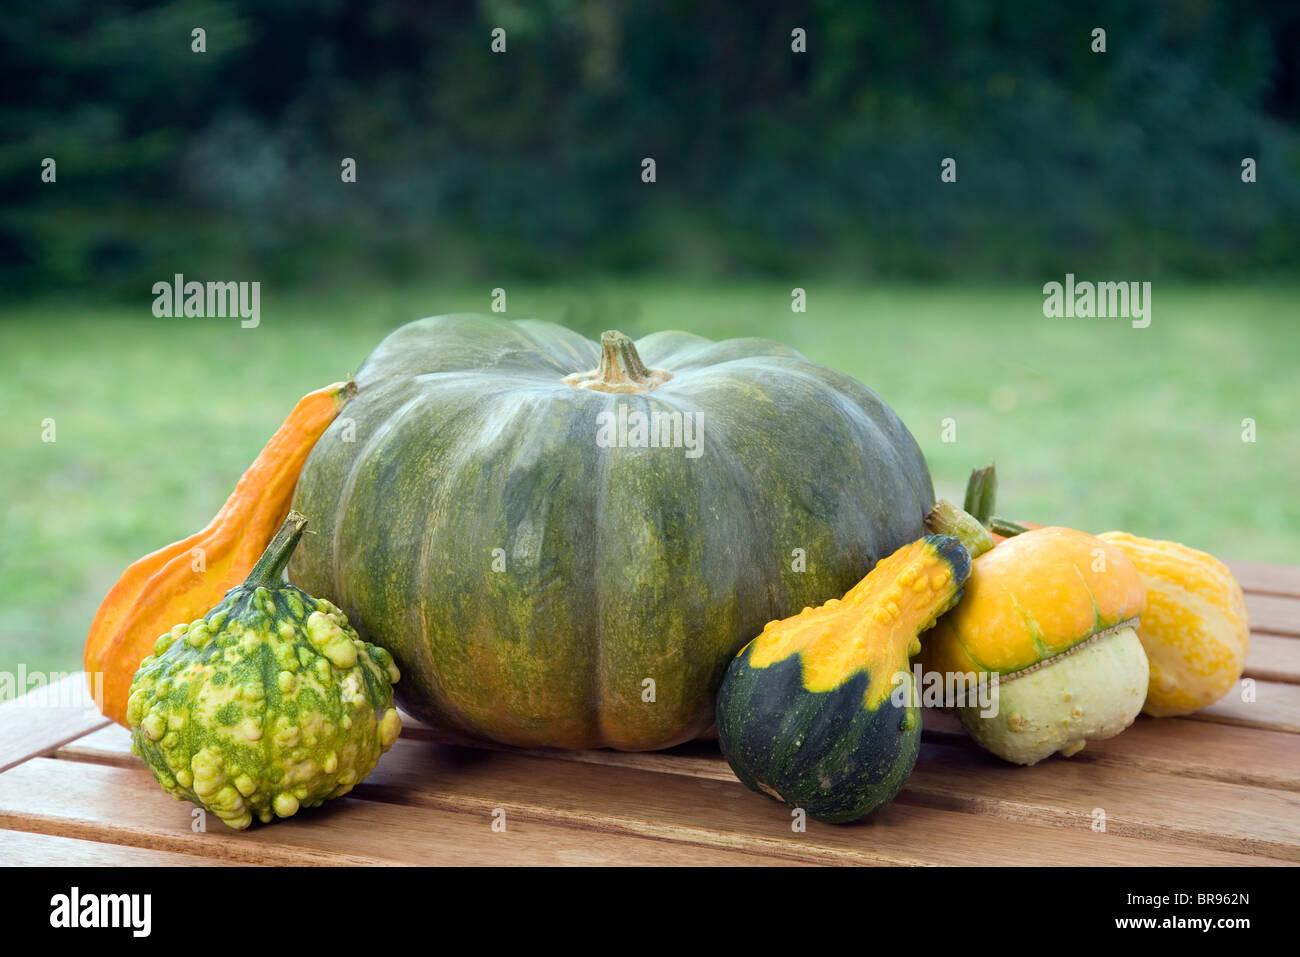 Selección de calabazas ornamentales y comestibles Imagen De Stock